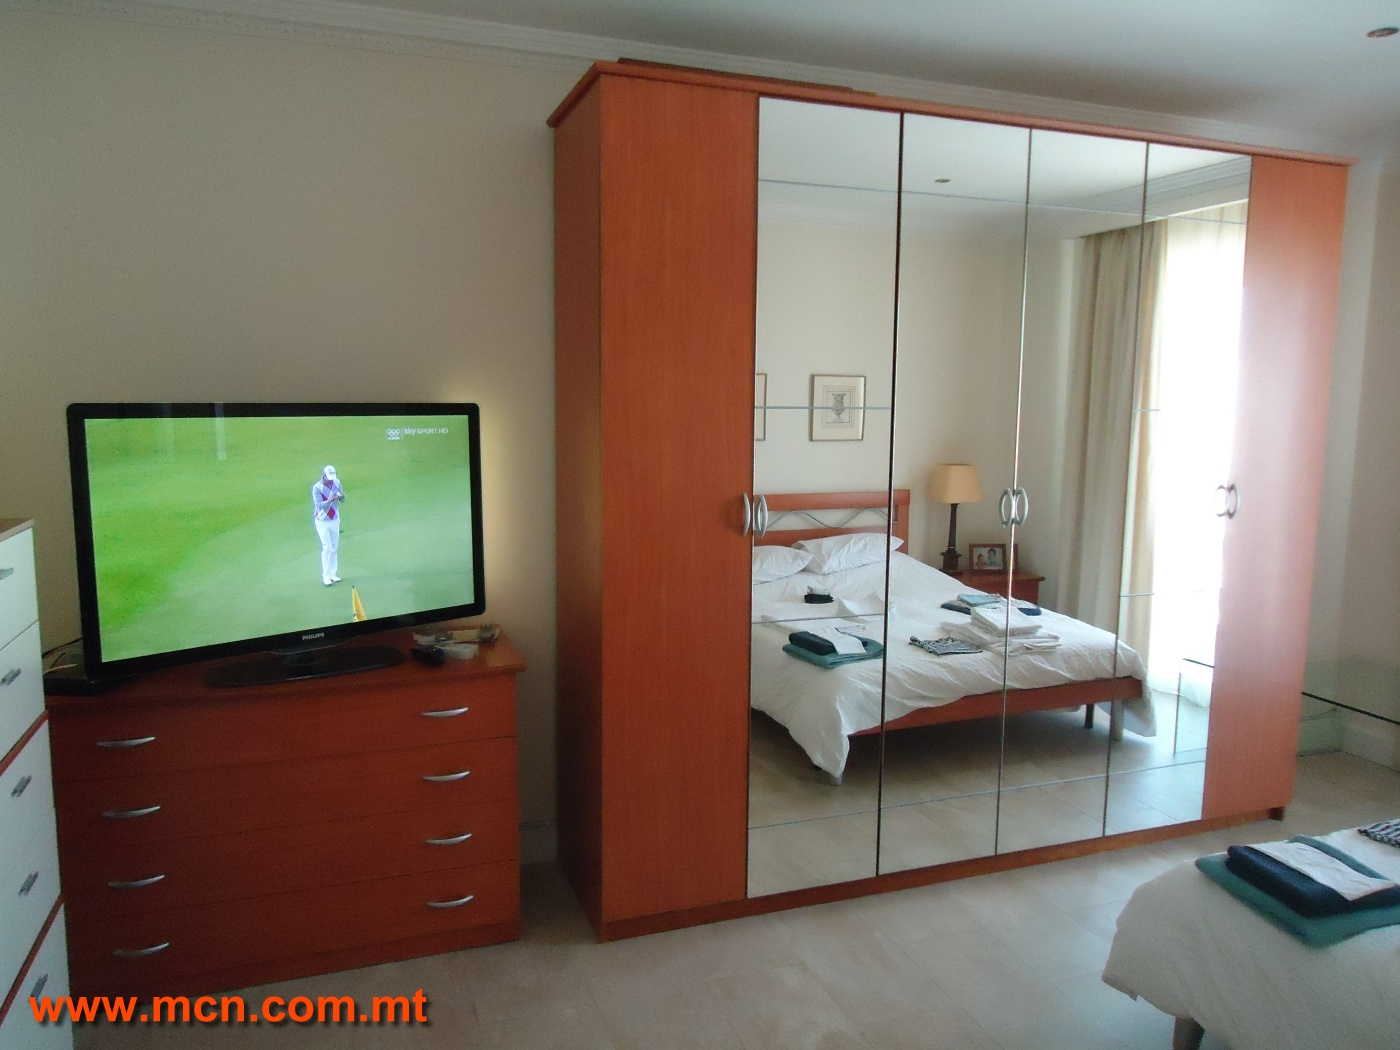 For sale bedroom furniture set malta classifieds buy for Bedroom furniture sets malta